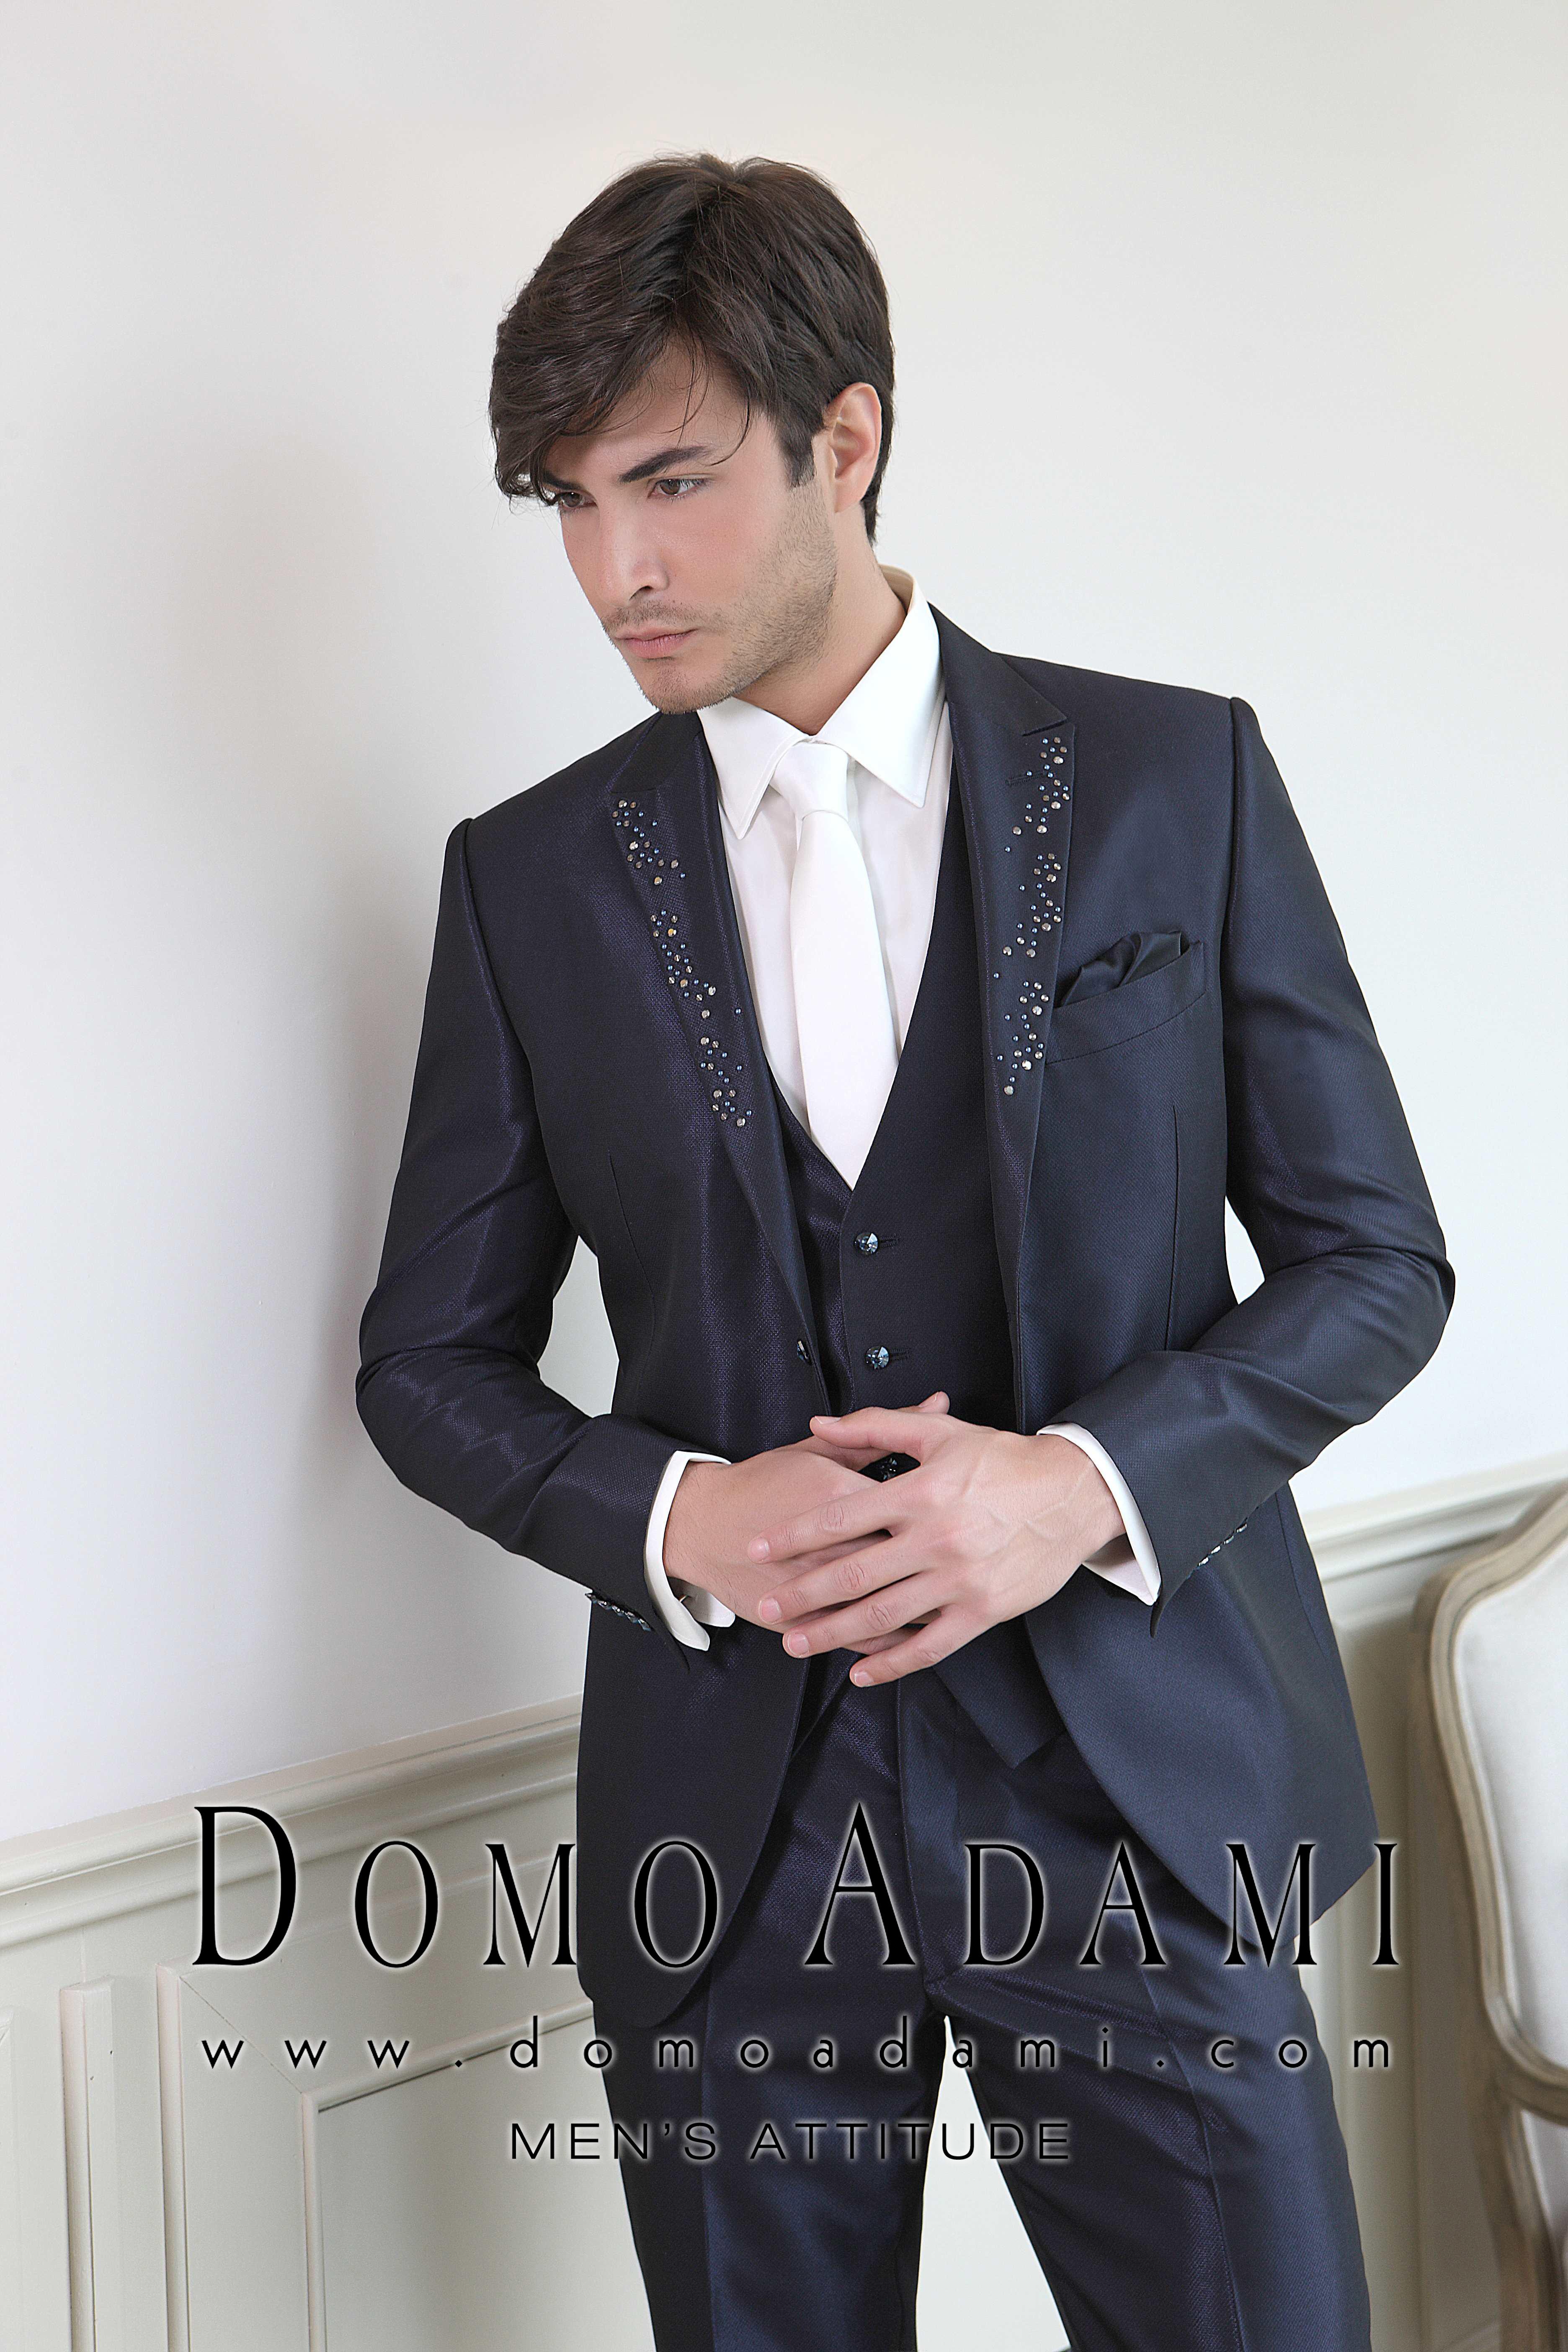 selezione migliore 1b5b3 96dfa Collezioni - Domo Adami men's Attitude